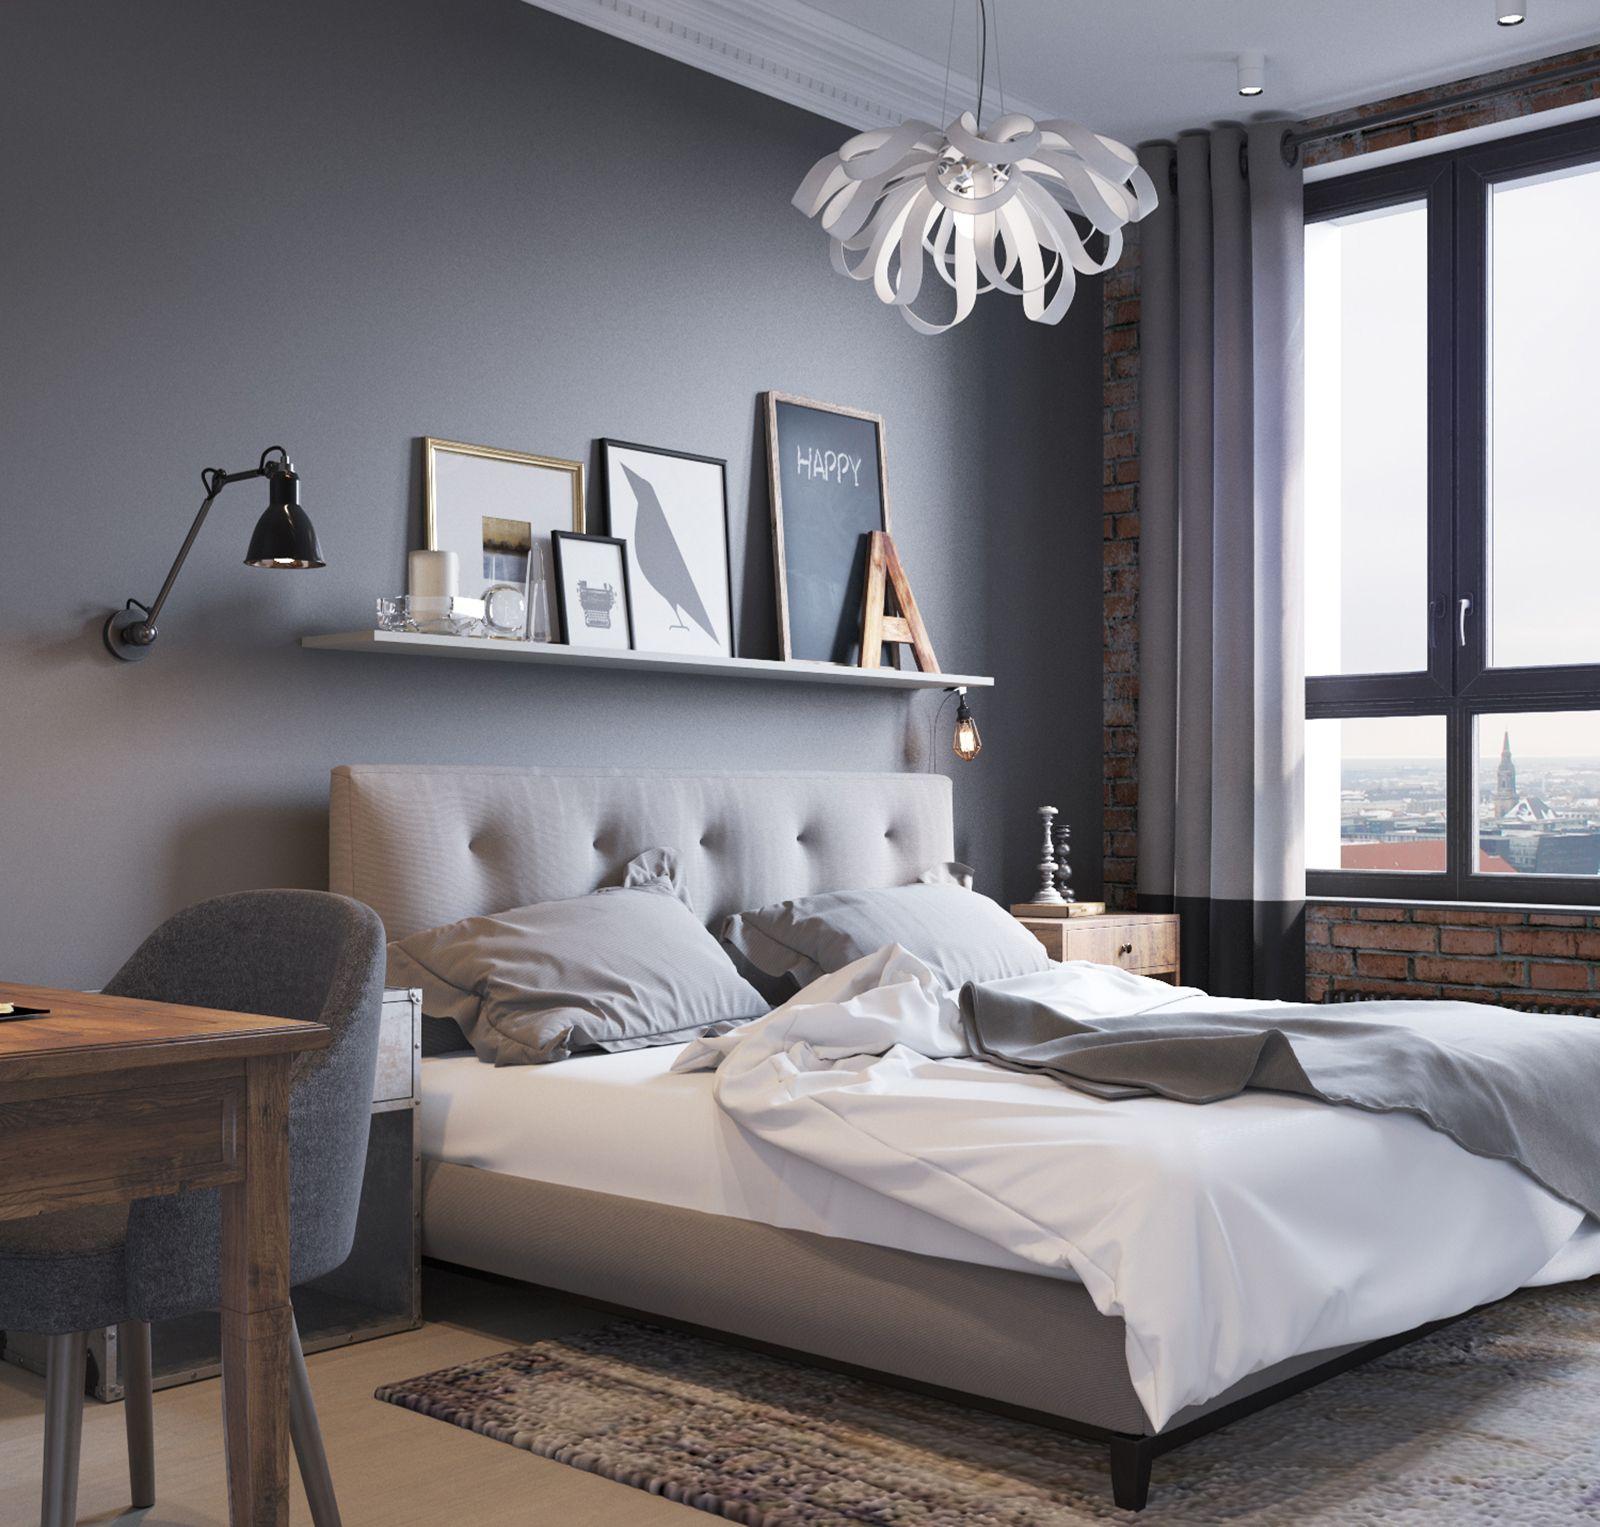 Люверсы в спальню с серыми обоями